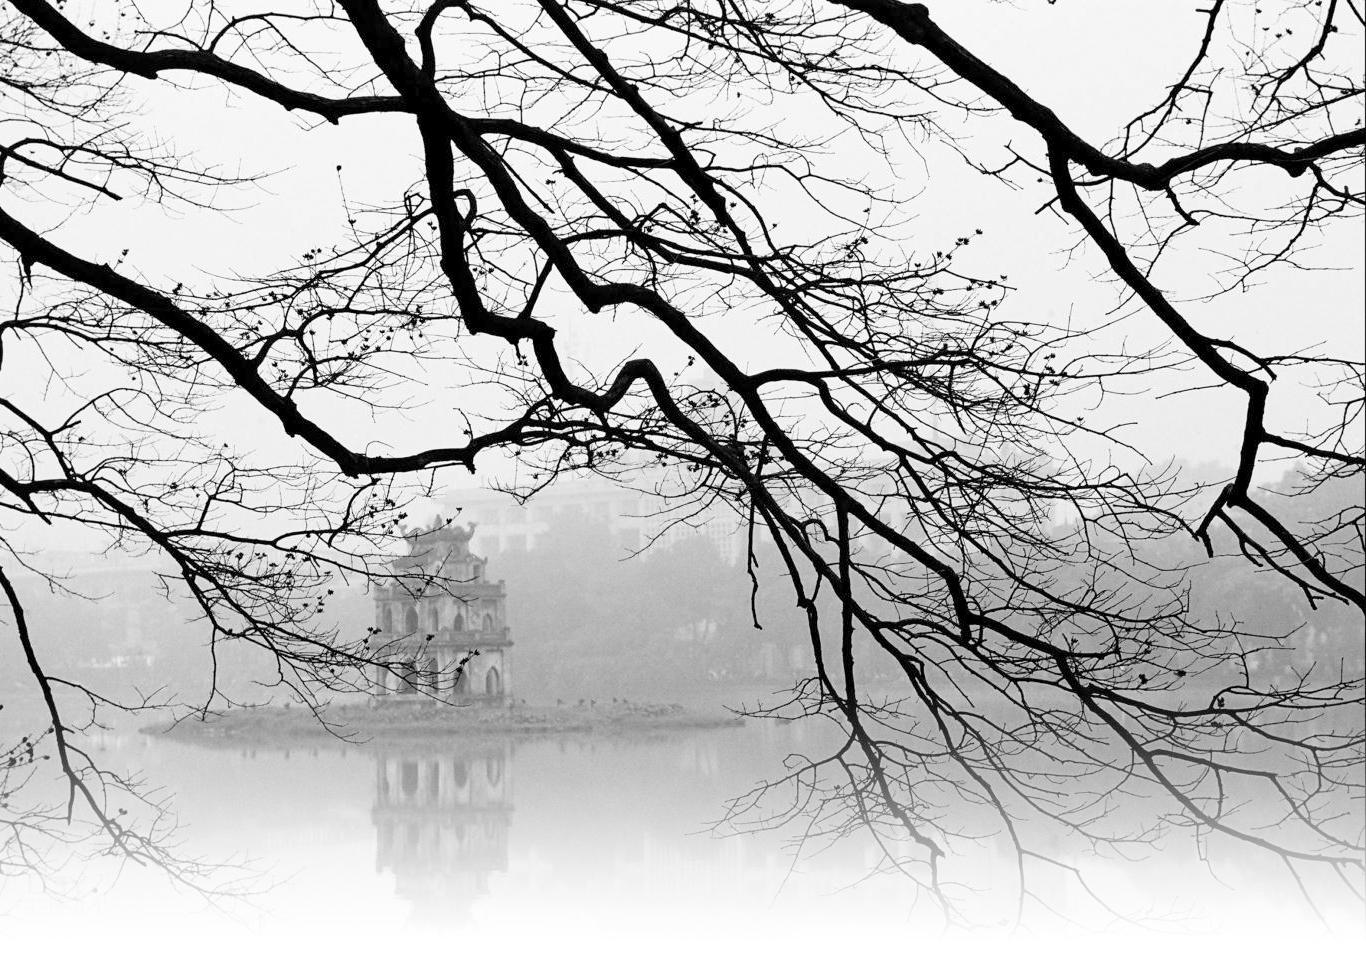 3 bước viết hay bài viết tiếng Anh miêu tả mùa đông